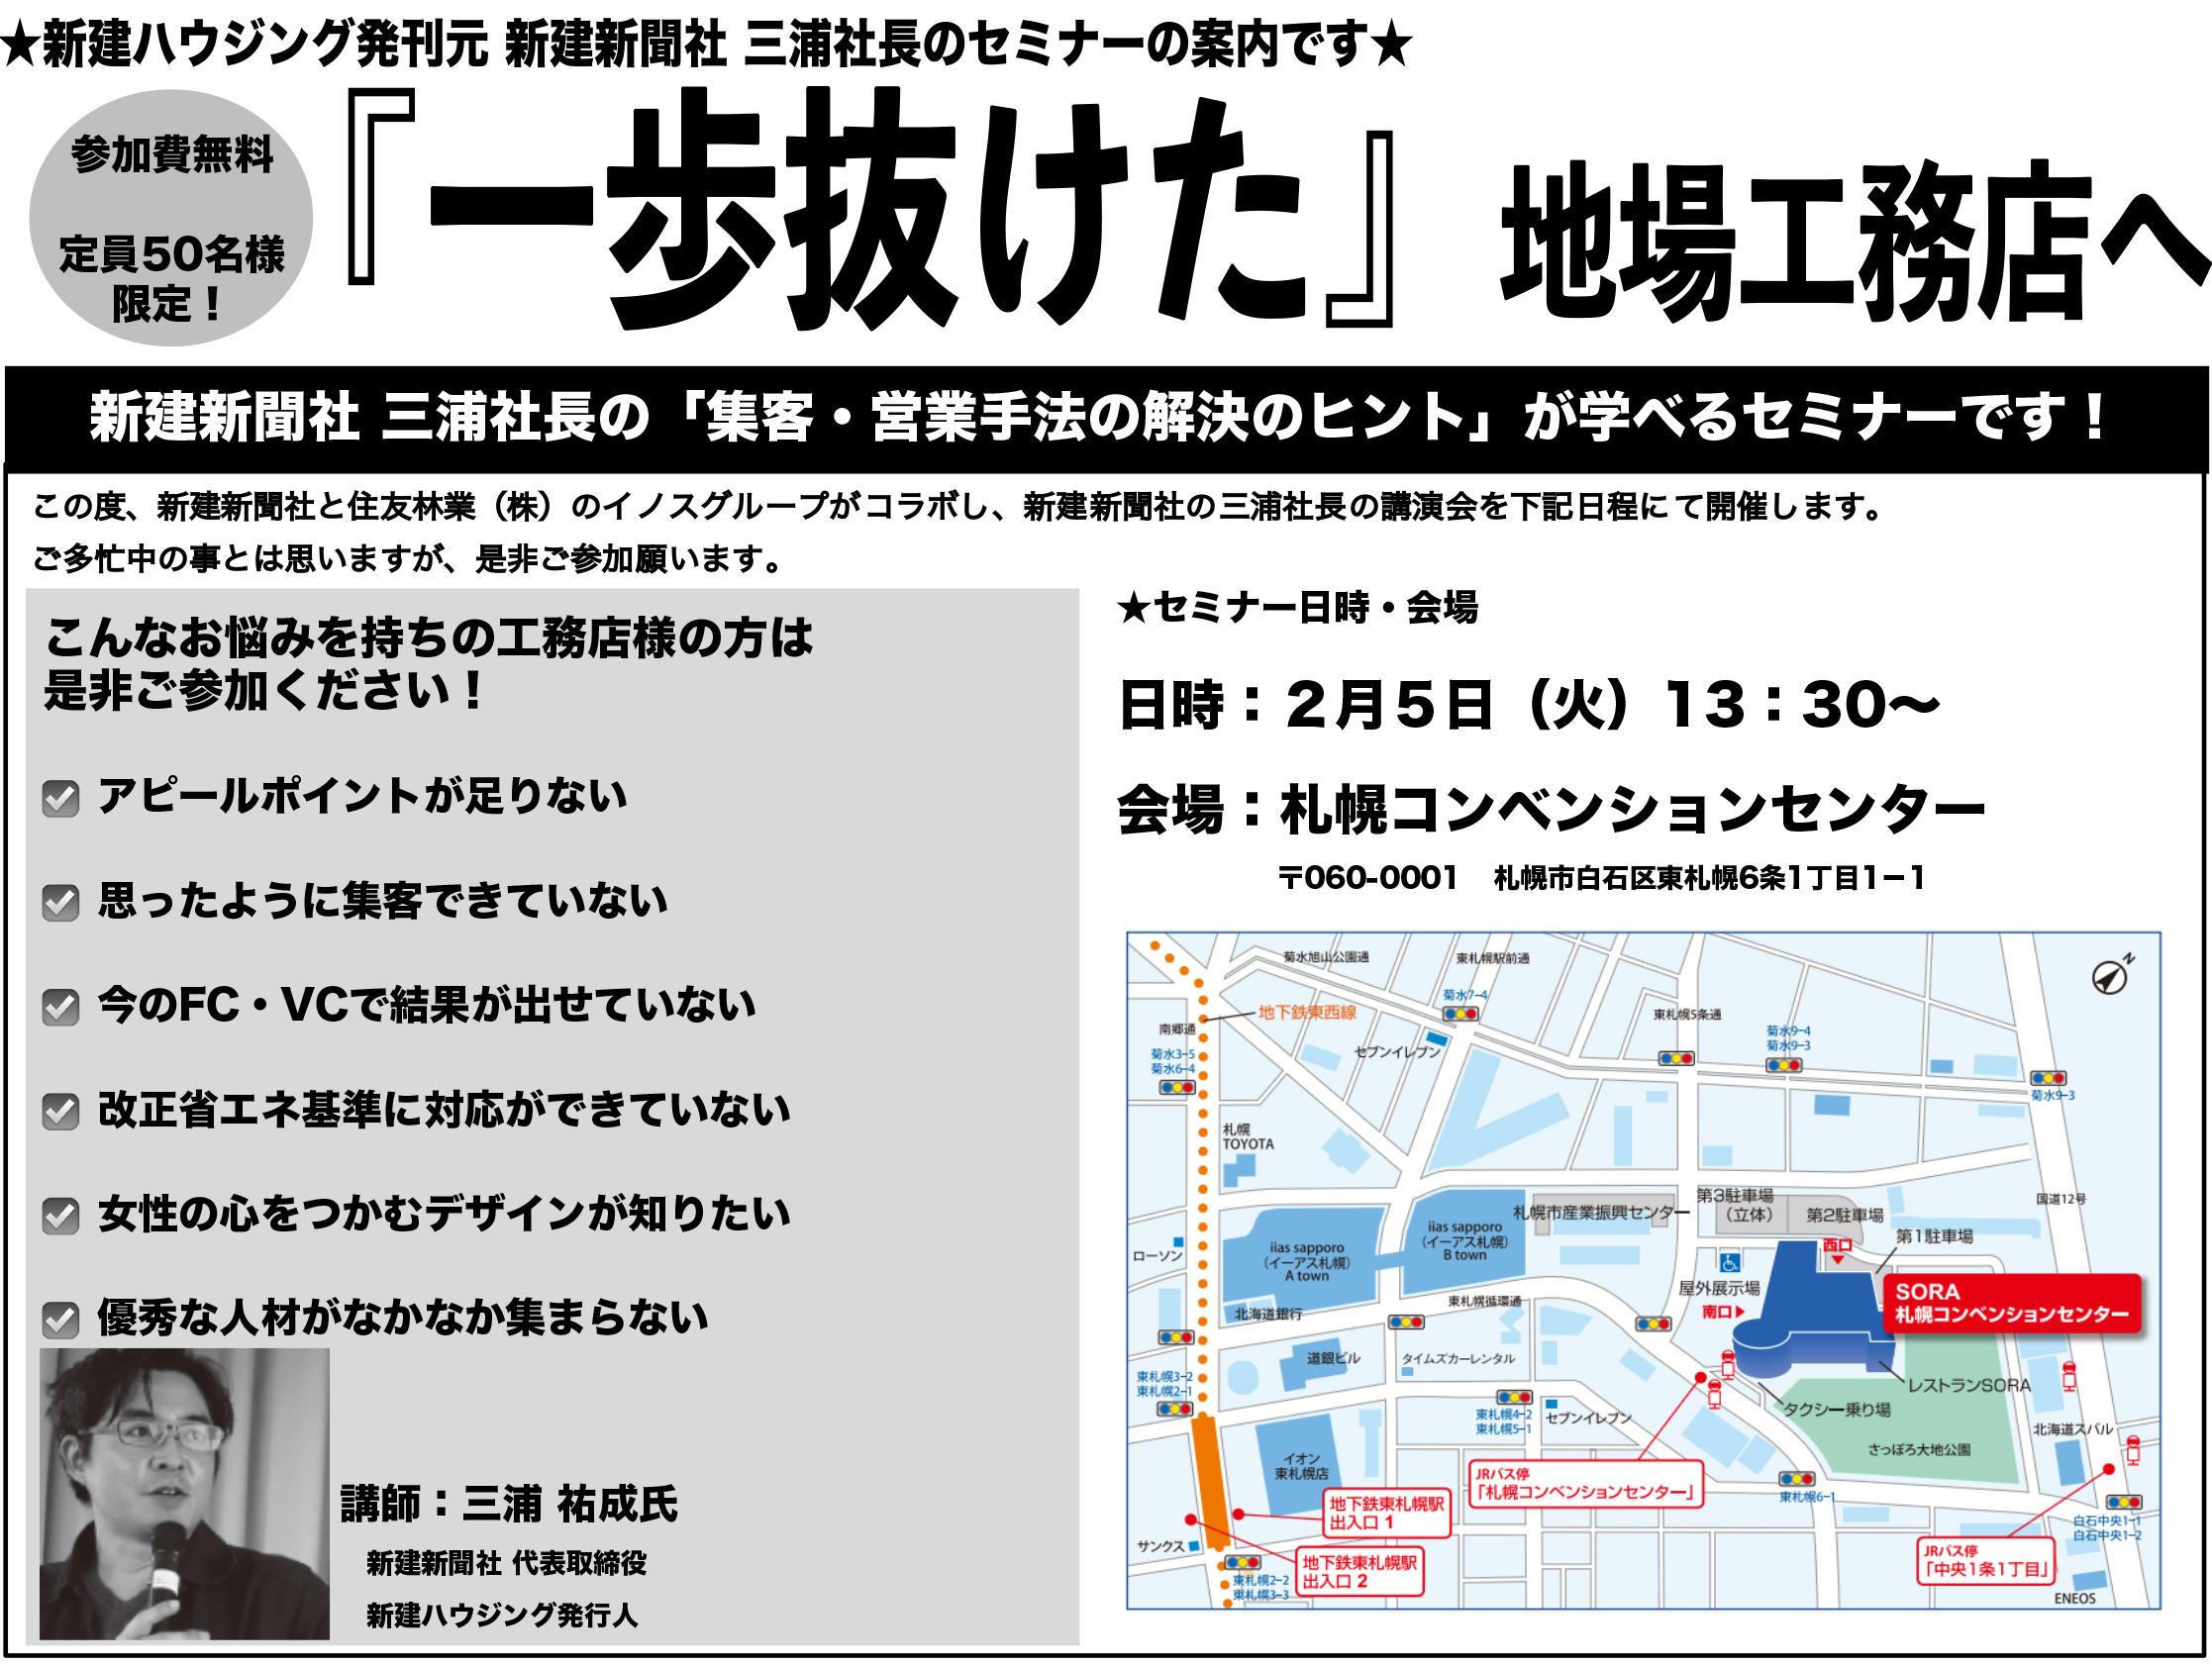 札幌建材-FAXDM原稿-新建新聞社案内19.01.15.jpg